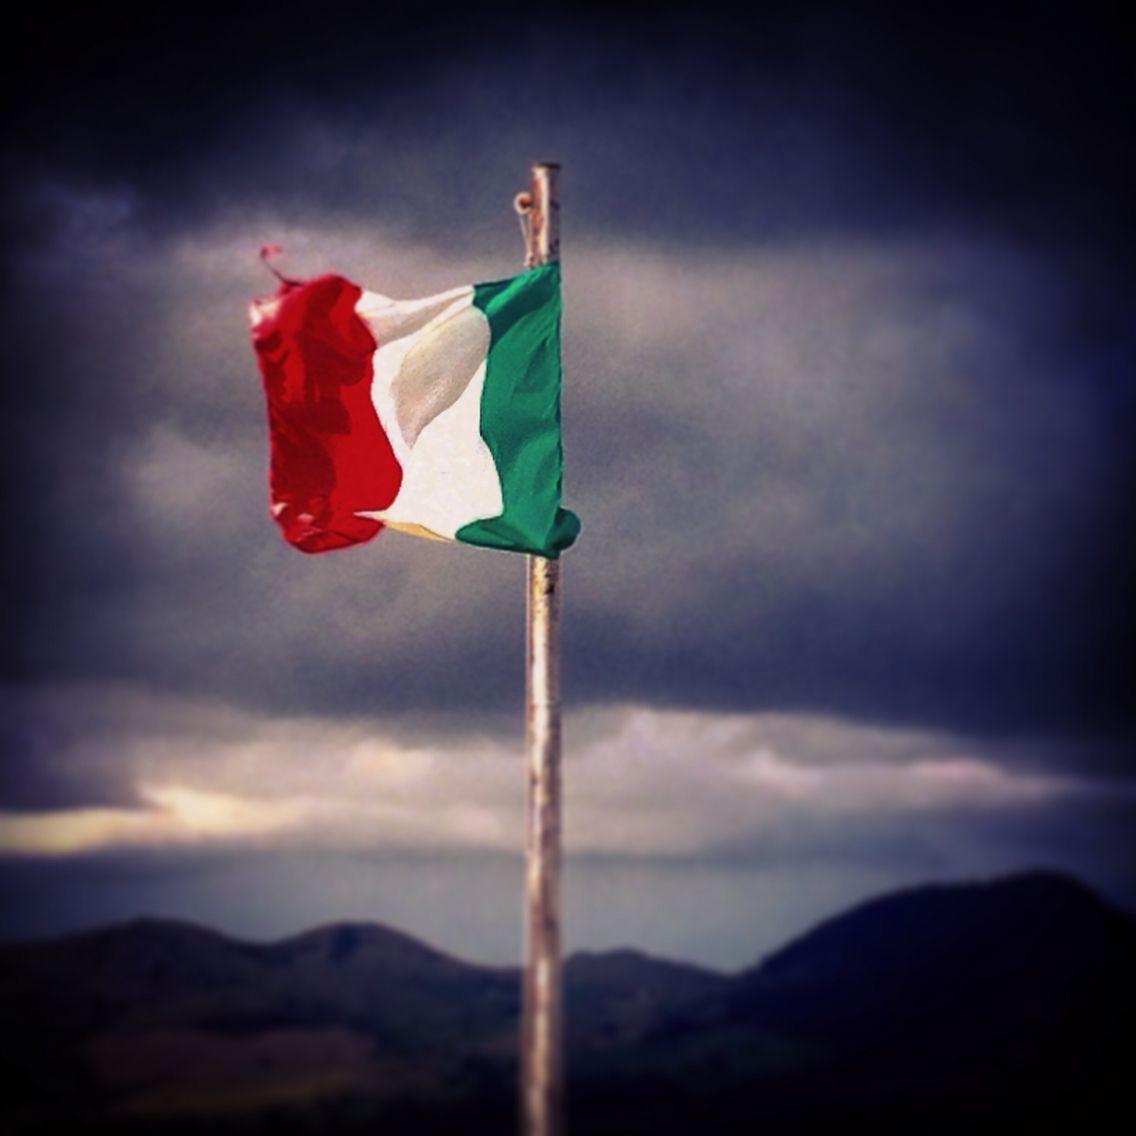 Raise your flag